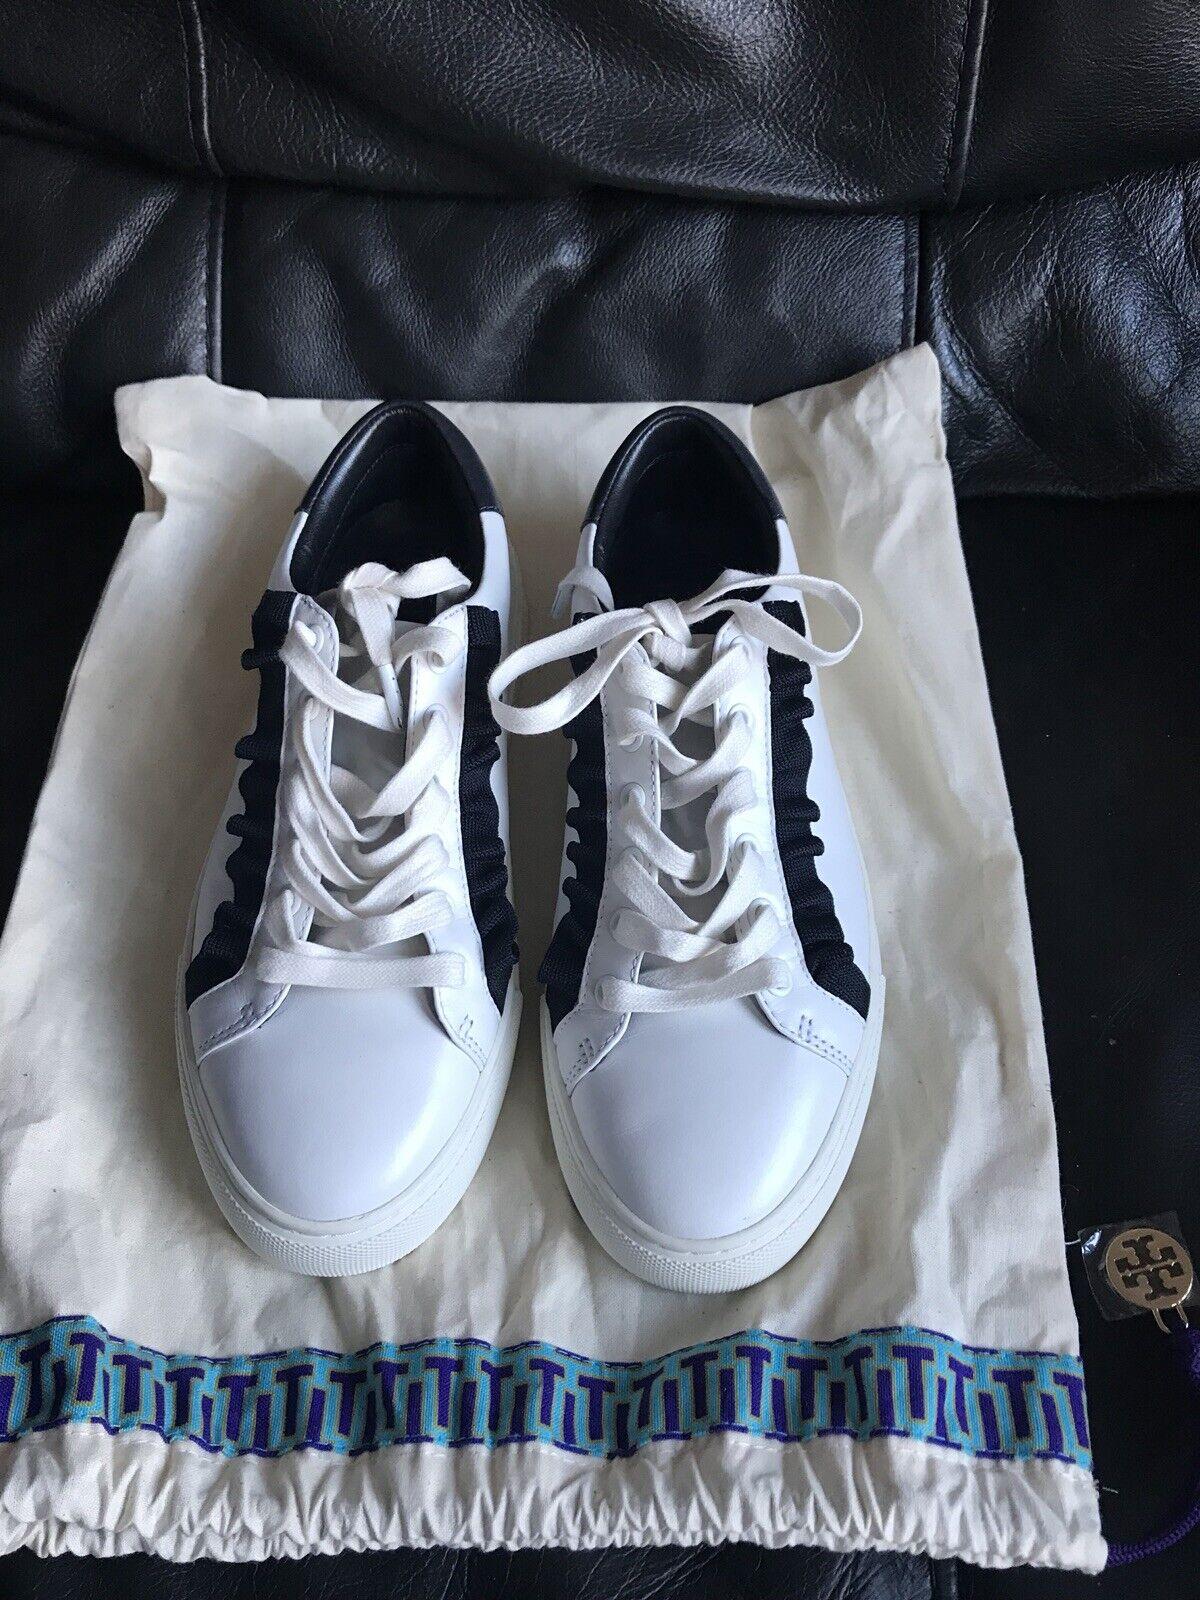 Donne _sTory Sport Burch  Leather Ruffle Trainers scarpe da ginnastica Dimensione 4.5 Nuovo  stile classico